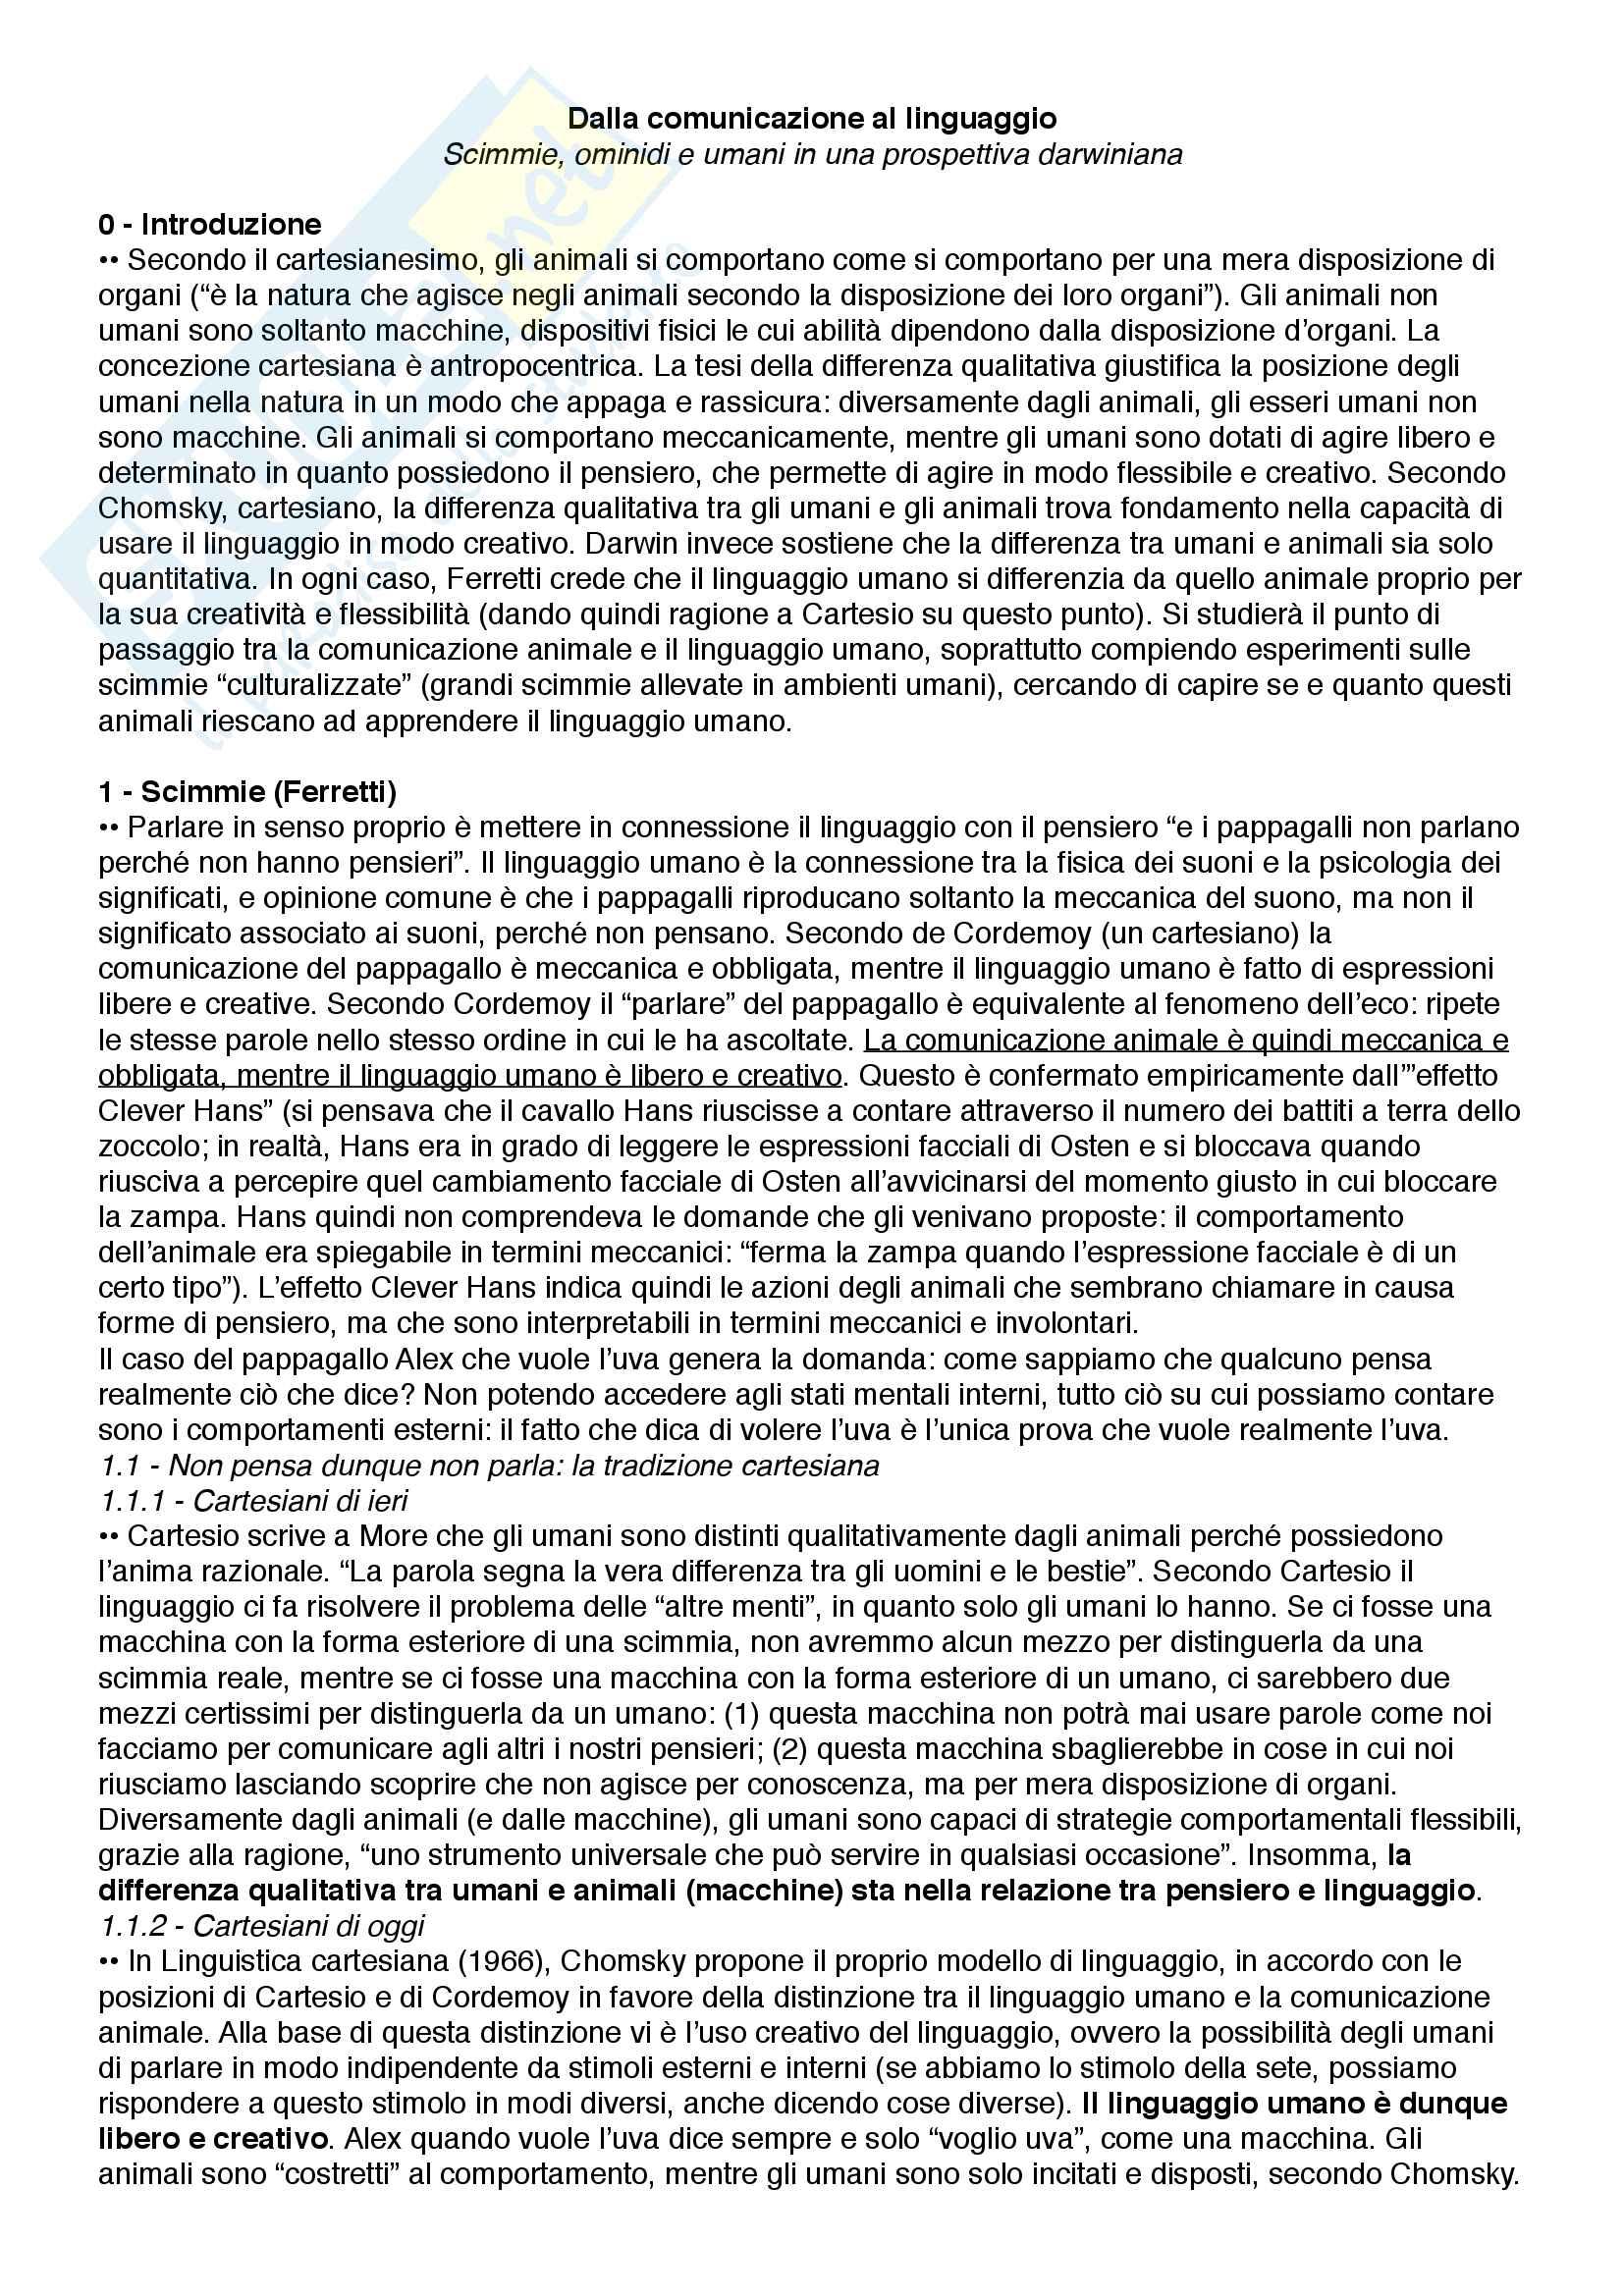 Riassunto esame Filosofia del linguaggio e della comunicazione, prof. Ferretti, libro consigliato Dalla comunicazione al linguaggio - Scimmie, ominidi e umani in una prospettiva darwiniana, Ferretti e Adornetti